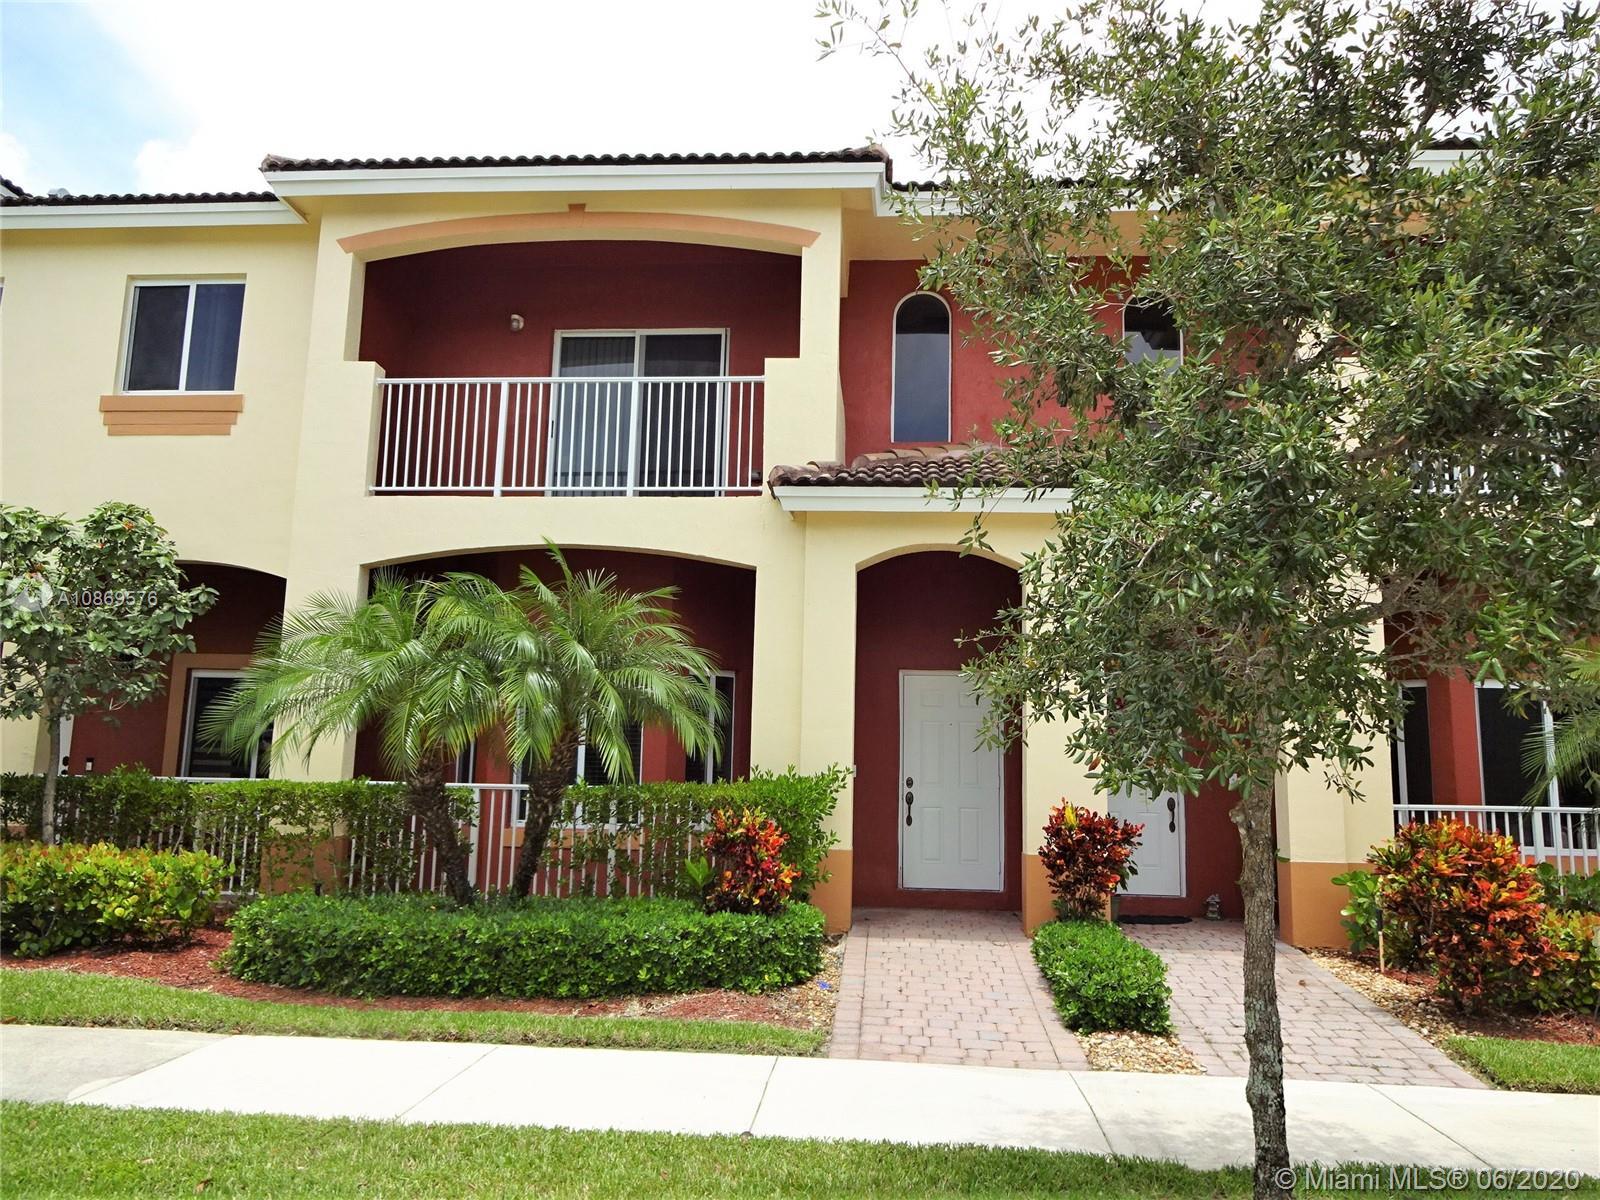 2322 SE 17 Ter, Homestead, FL 33035 - Homestead, FL real estate listing